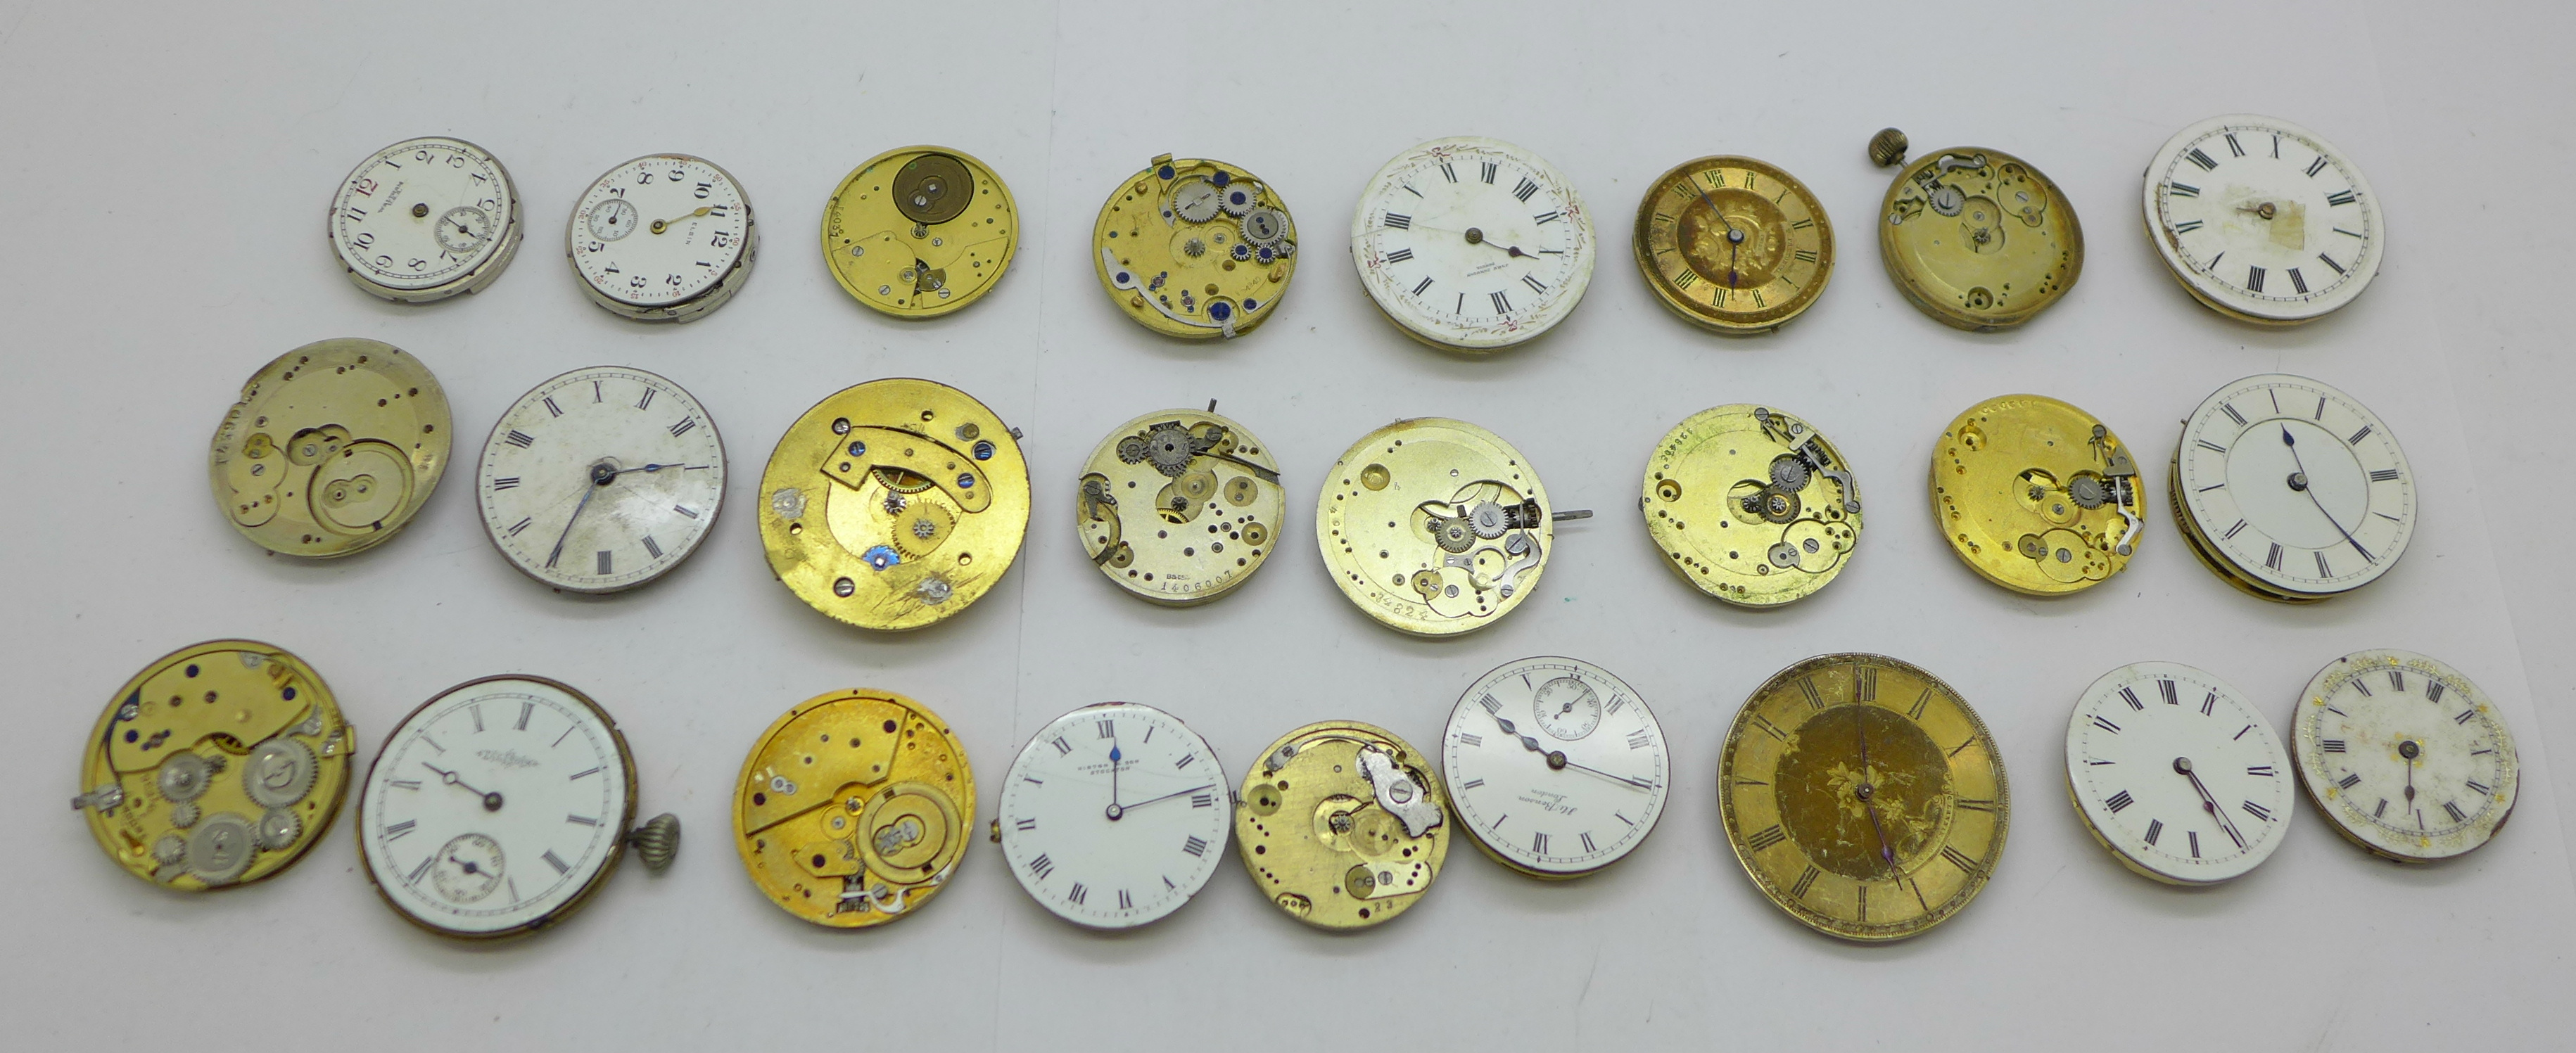 Twenty-five wristwatch, fob and pocket watch movements, Elgin, JW Benson, Waltham, etc.